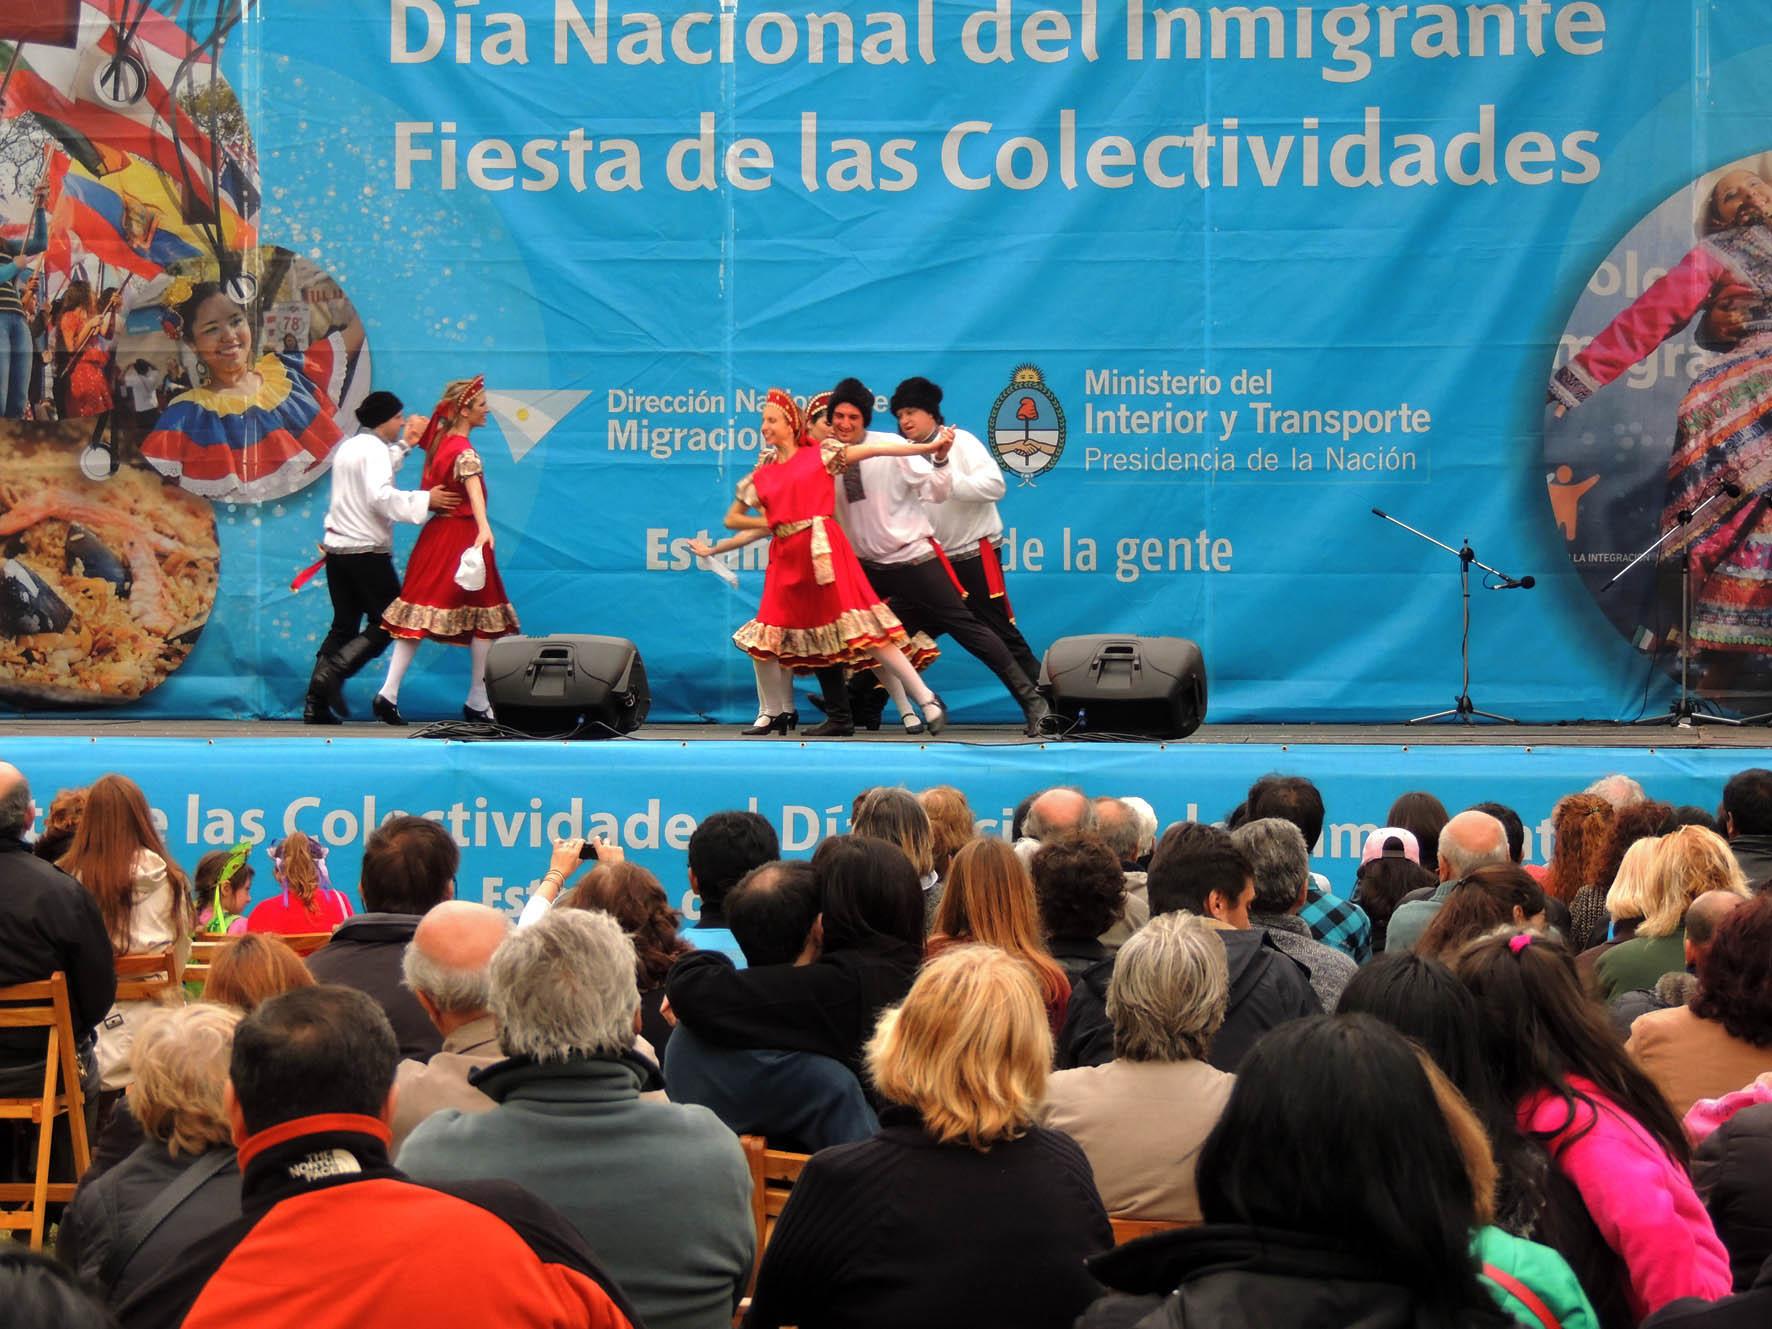 Fiesta de las Colectividades 2013